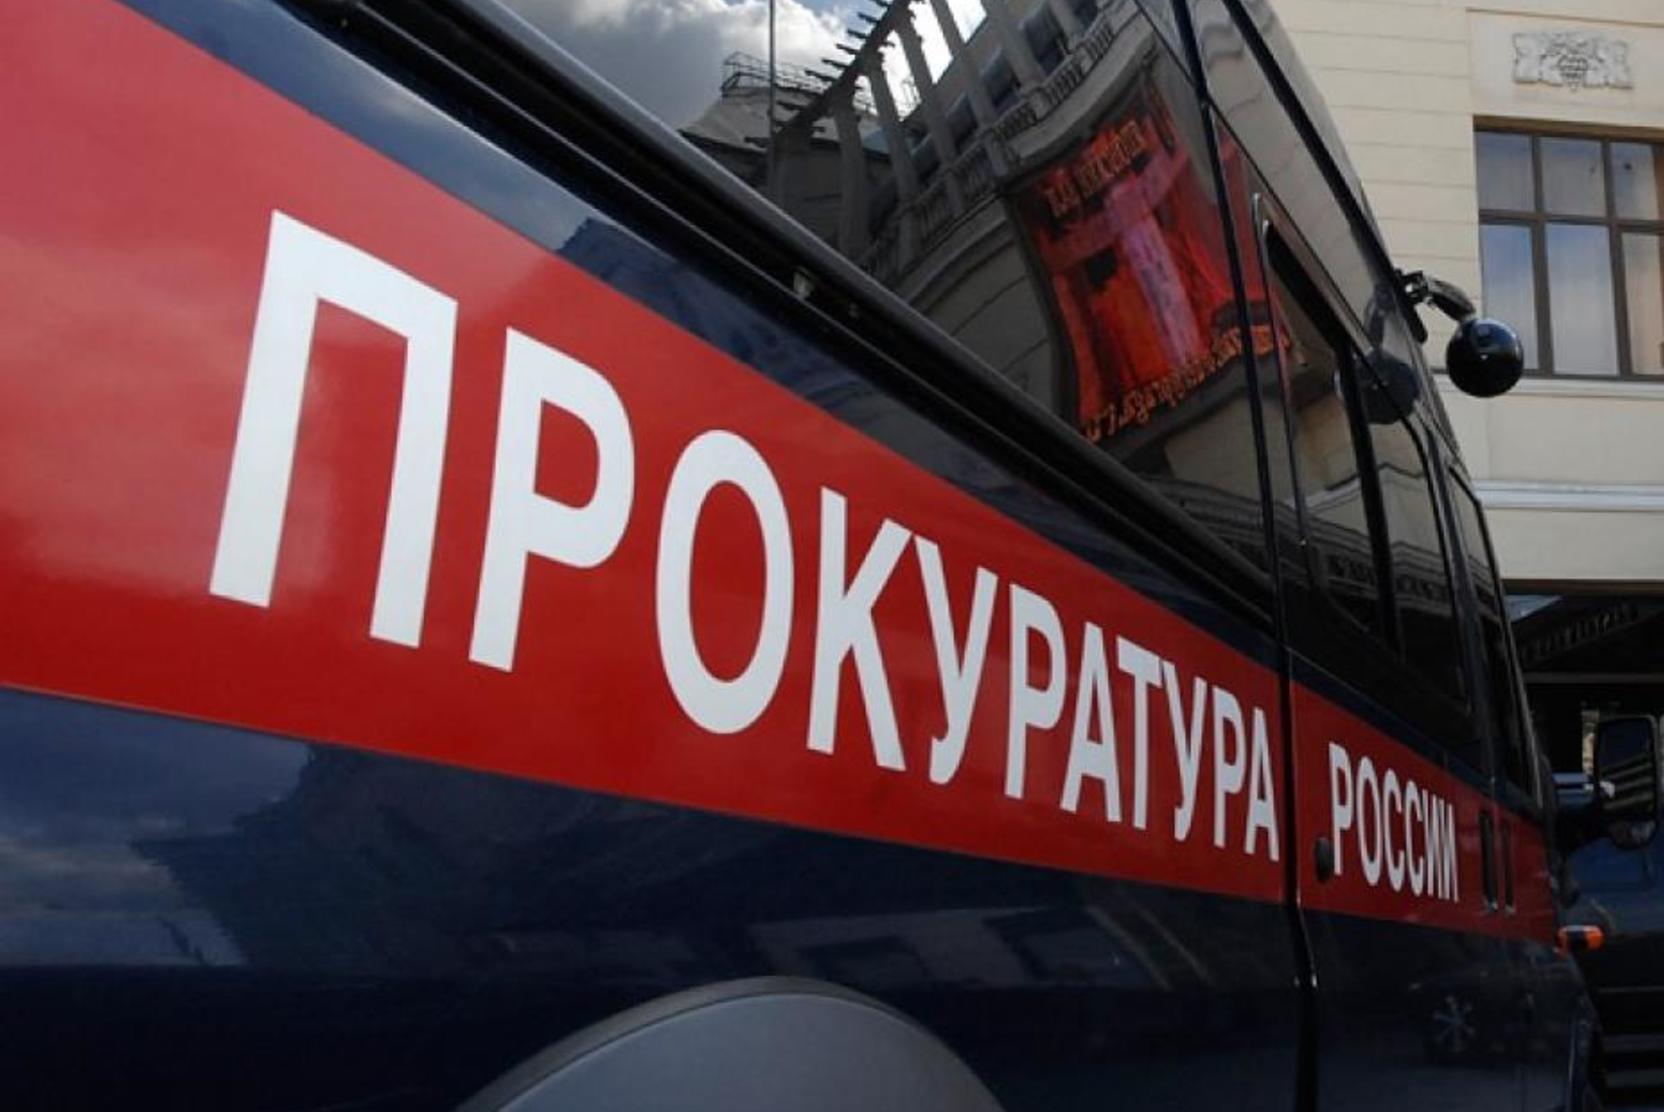 Прокуратура выясняет причины возгорания кабины машиниста электрички под Калугой